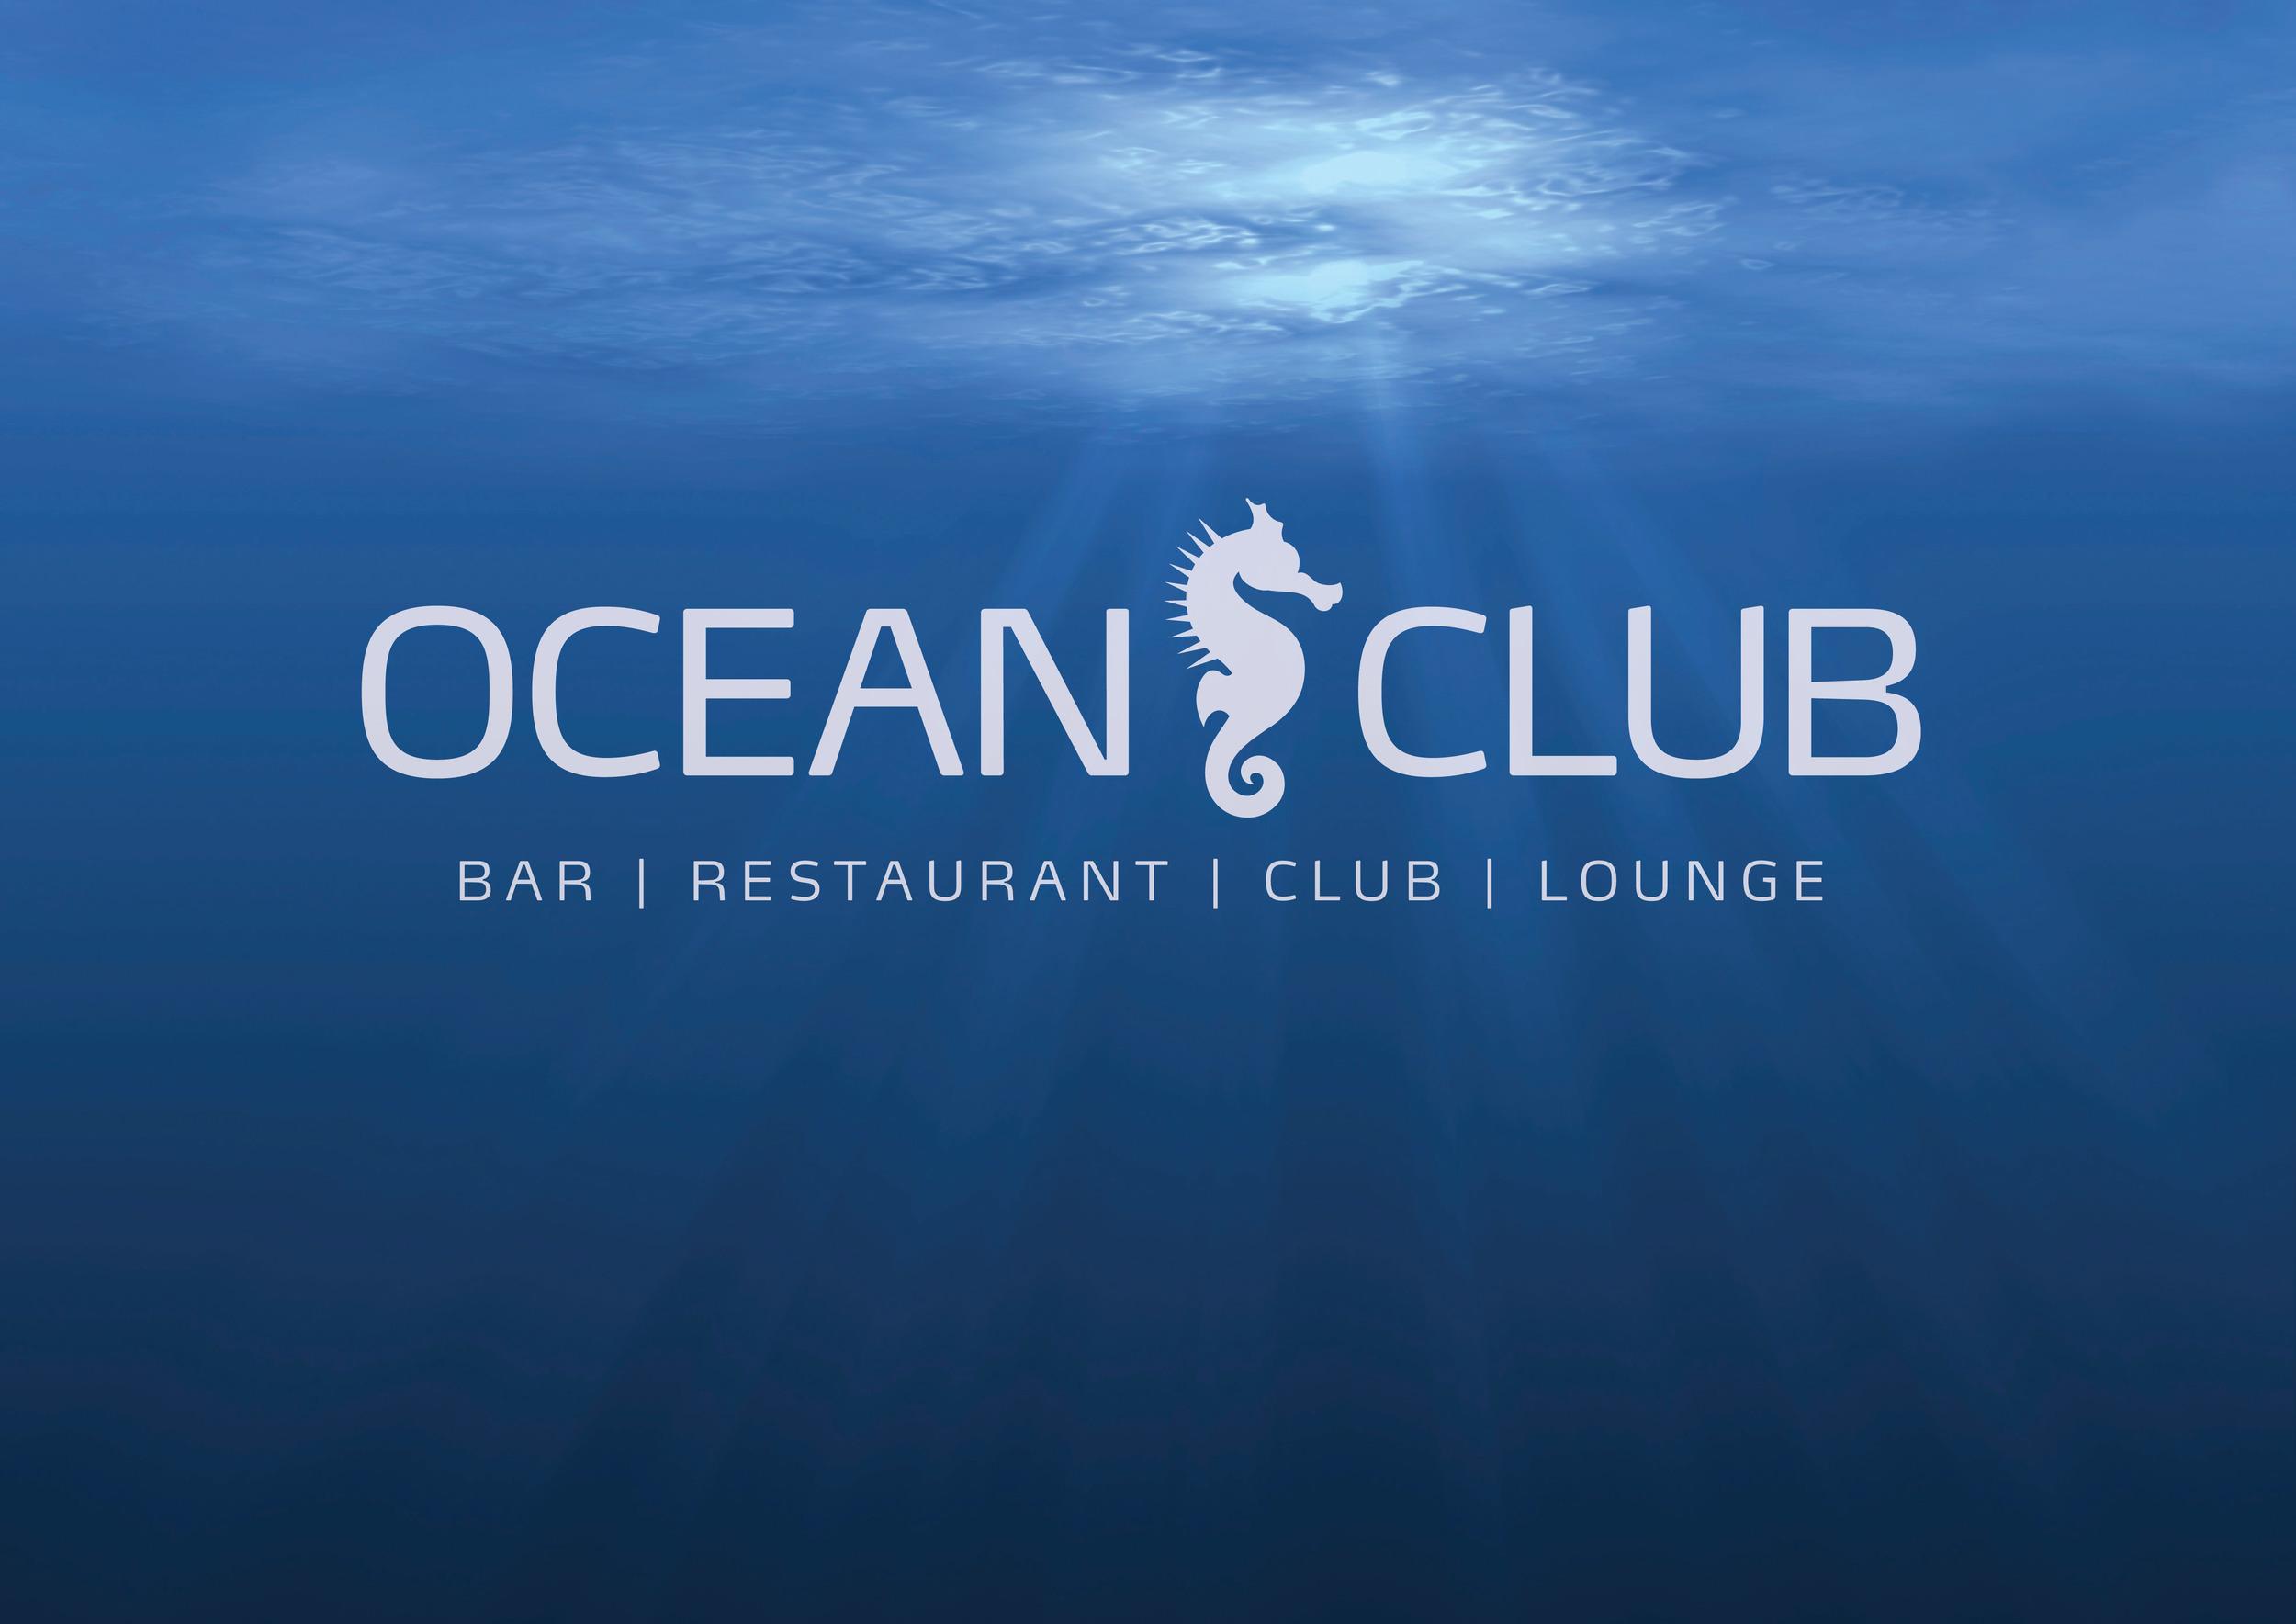 OCEAN CLUB logo.jpeg